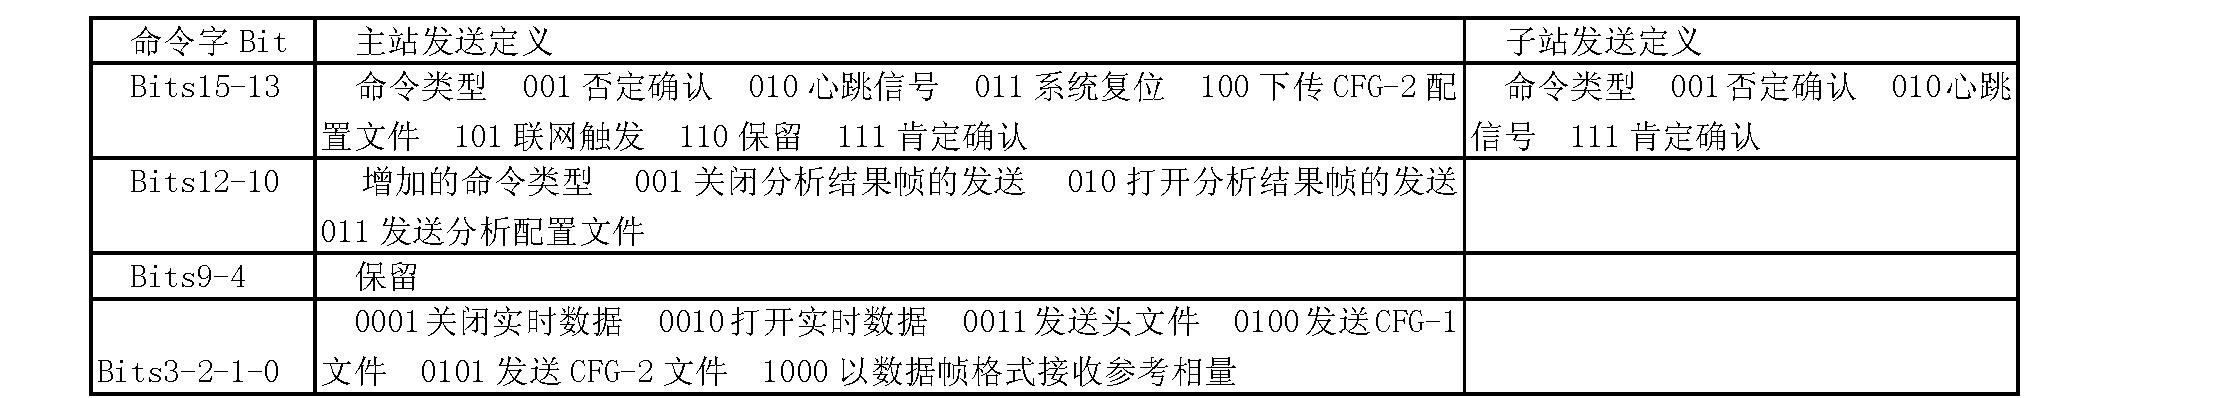 Figure CN101458286BD00112